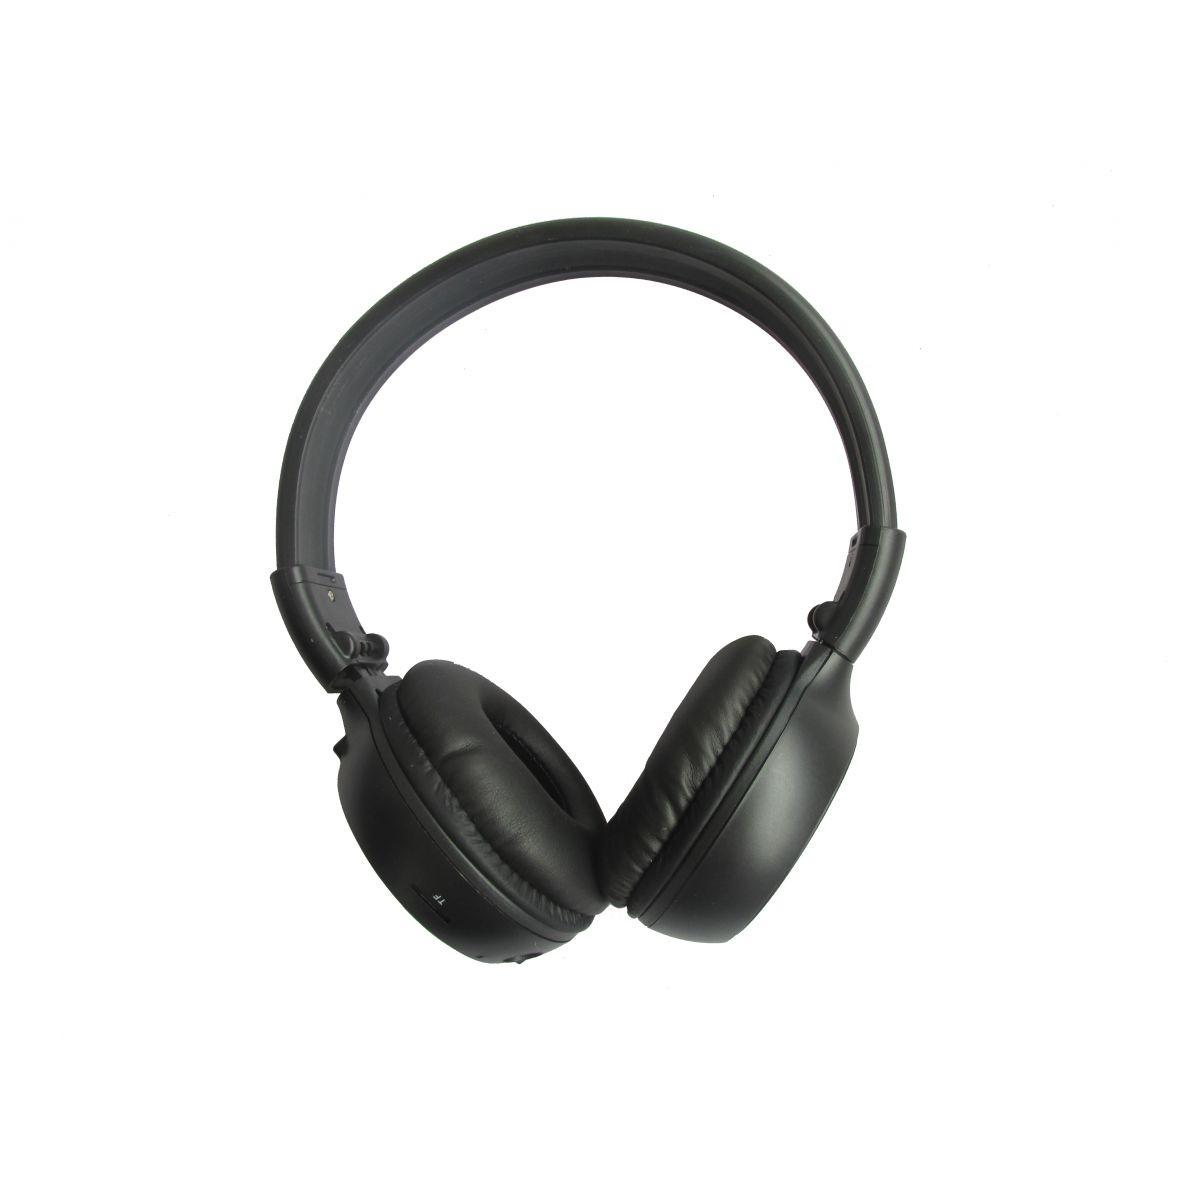 Fone Bluetooth Sem Fio Favix B560 Original Radio Fm Stereo Alta Qualidade Cartão Memória Viva Voz Mp3 Hi-Fi Usb  - HARDFAST INFORMÁTICA